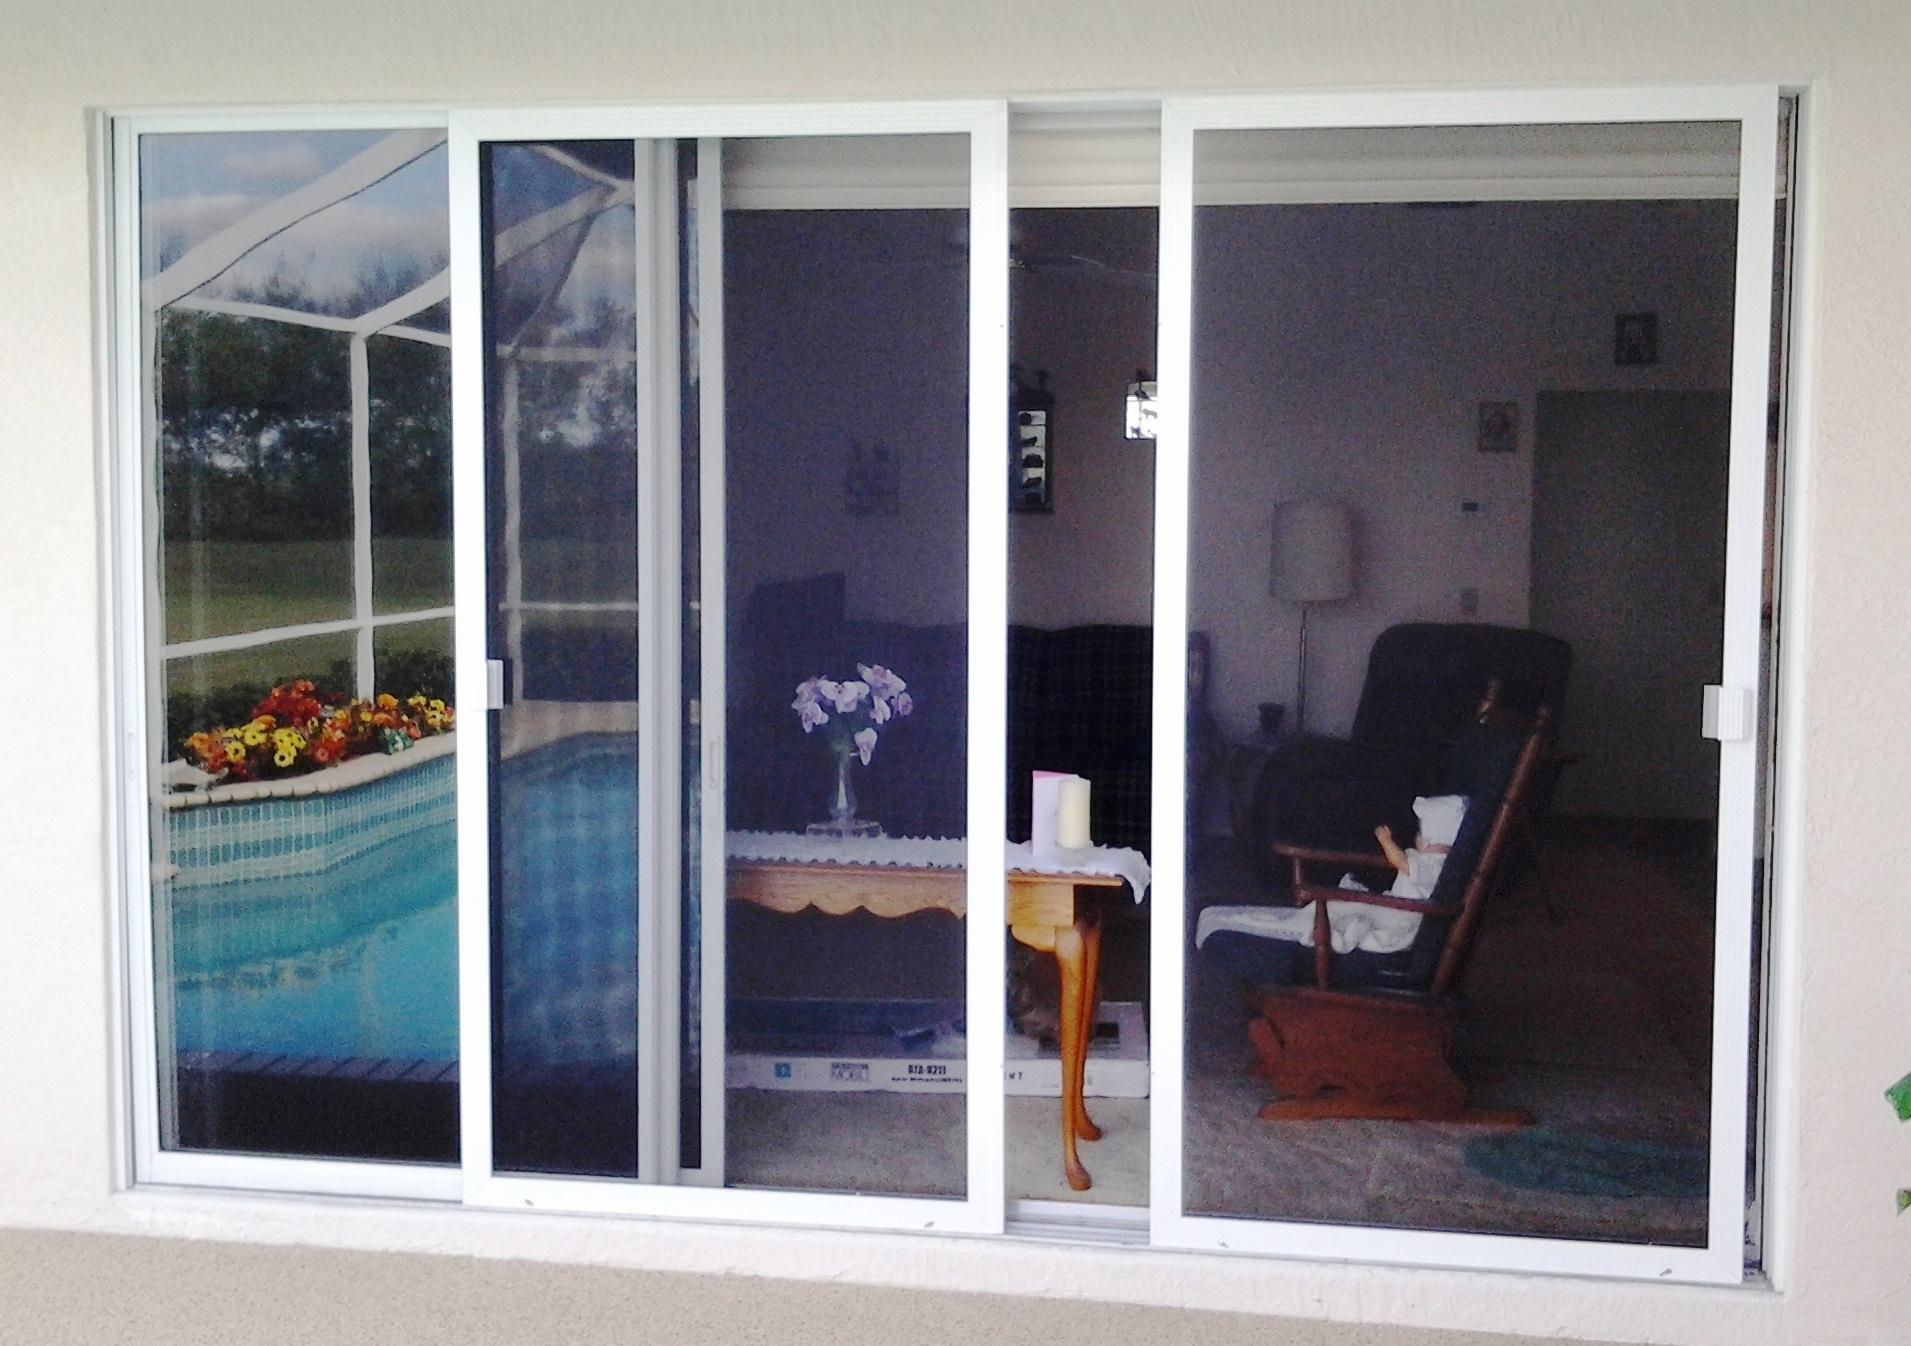 Screen Door For Sliding Glass Doordoors glamorous sliding glass screen door sliding screen door